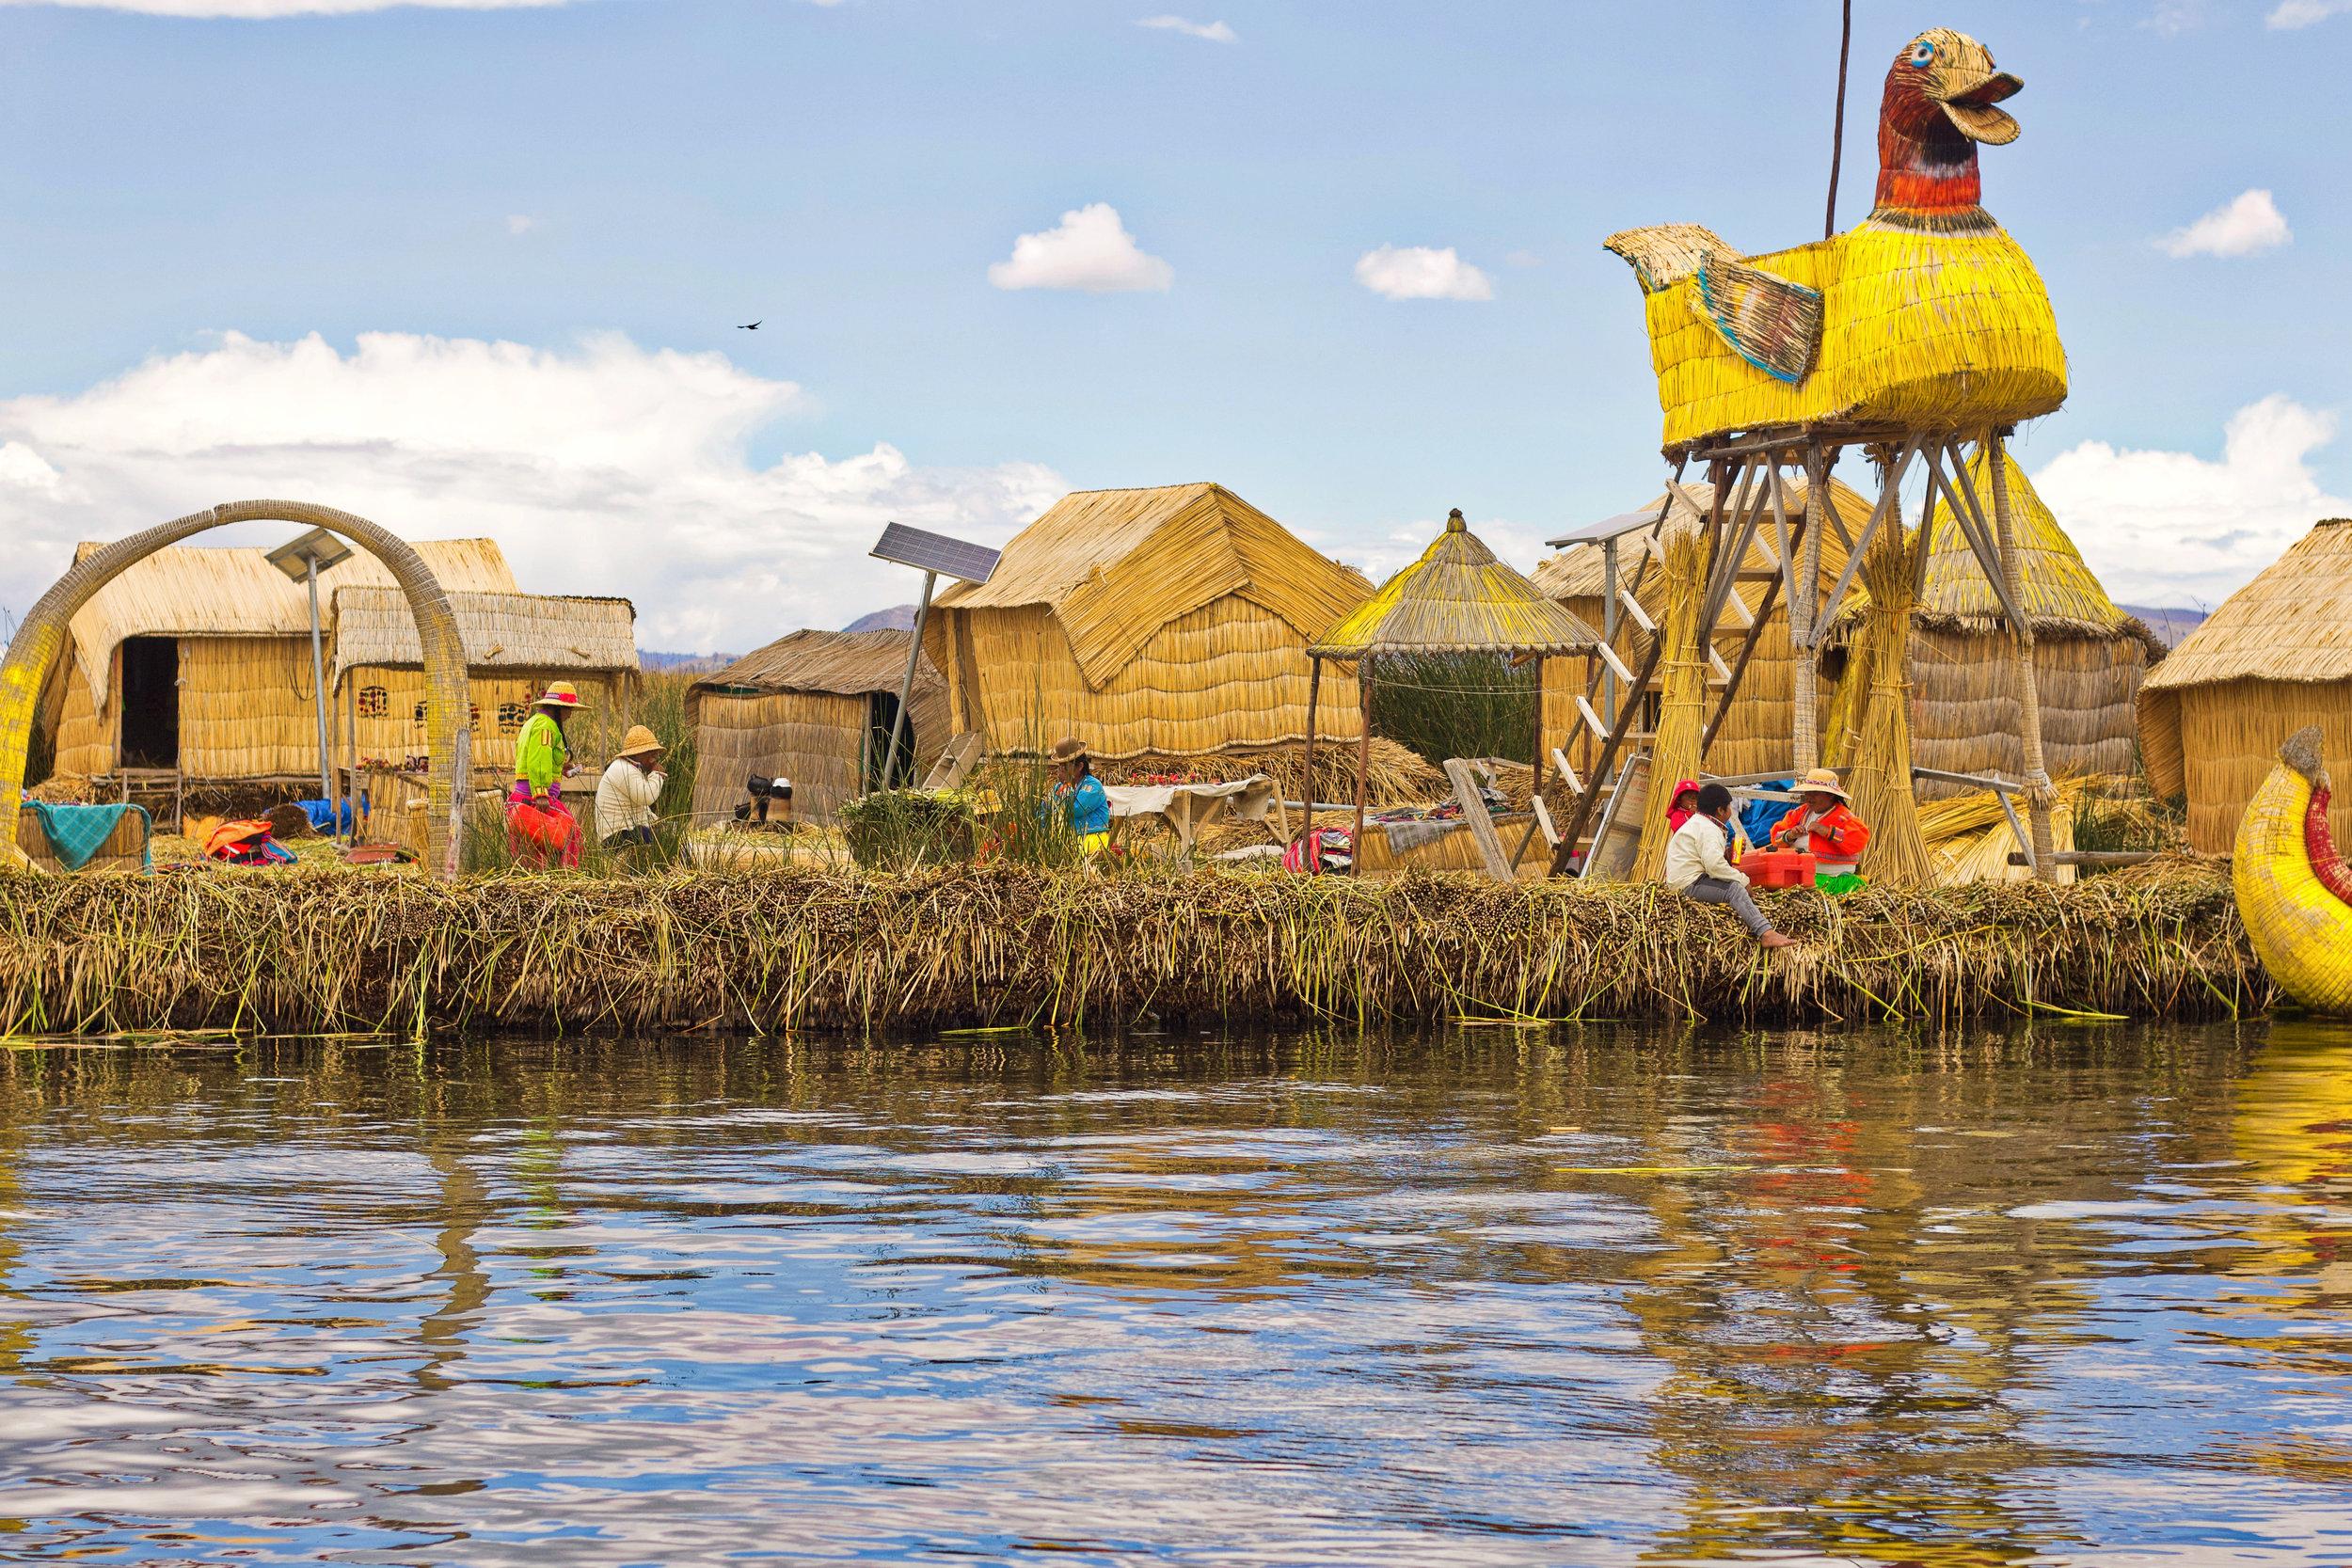 Puno y Lago Titicaca - Al sureste de Perú encontrarás el maravilloso y único lago Titicaca en la frontera con Bolivia. Sus Islas Flotantes que invitan a quedarte algunas noches. Puno, a orillas del lago, es la ciudad principal de esta zona.